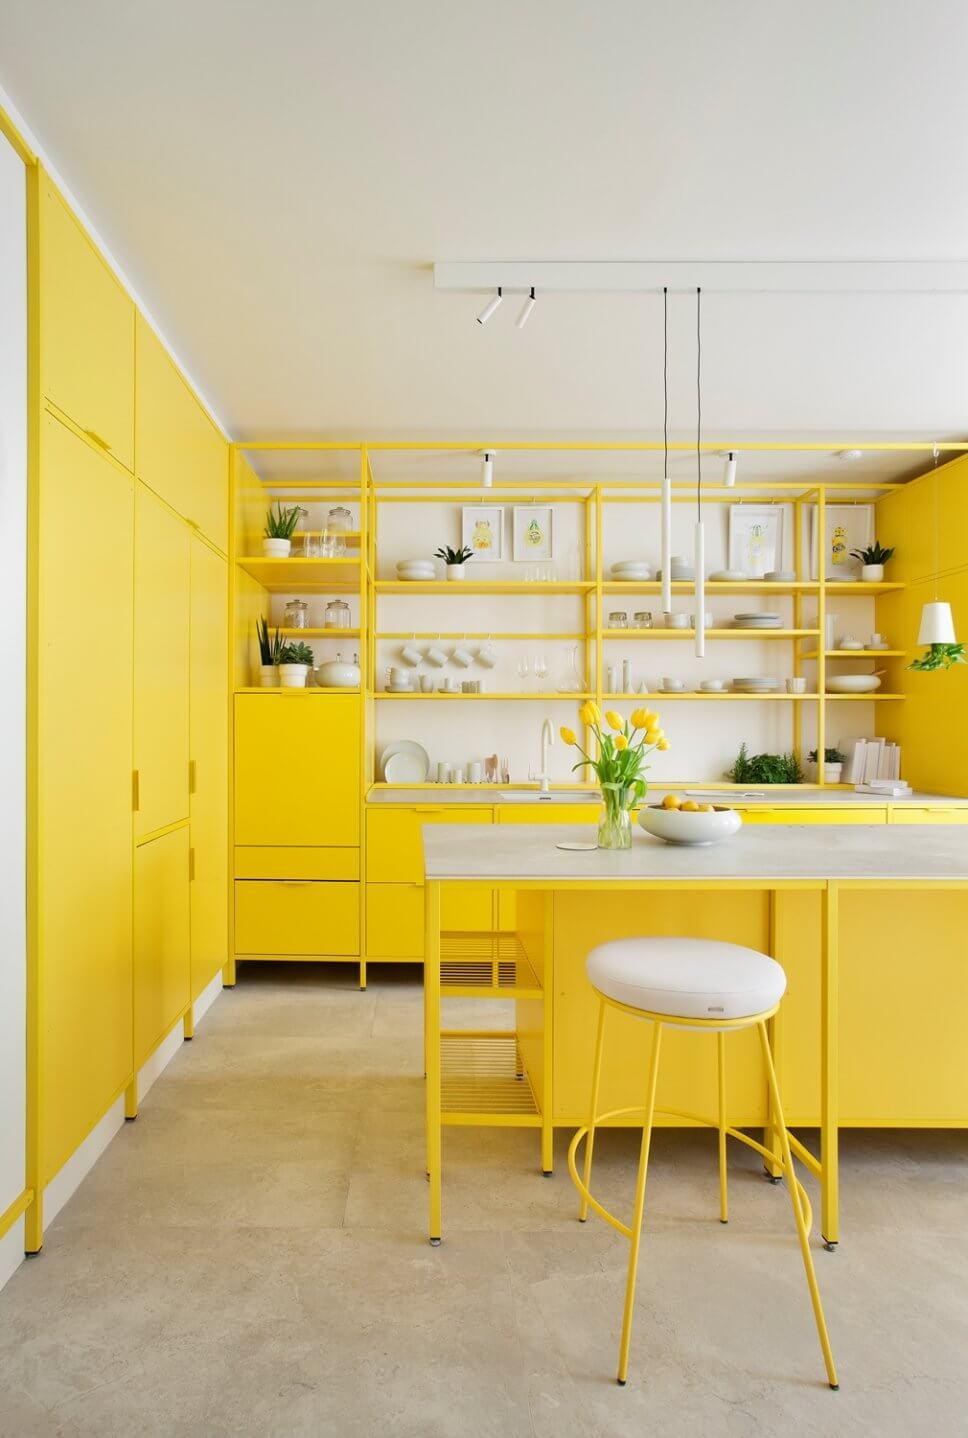 Sonnengelbe offene Modul-Küche mit weißer Keramik-Arbeitsplatte